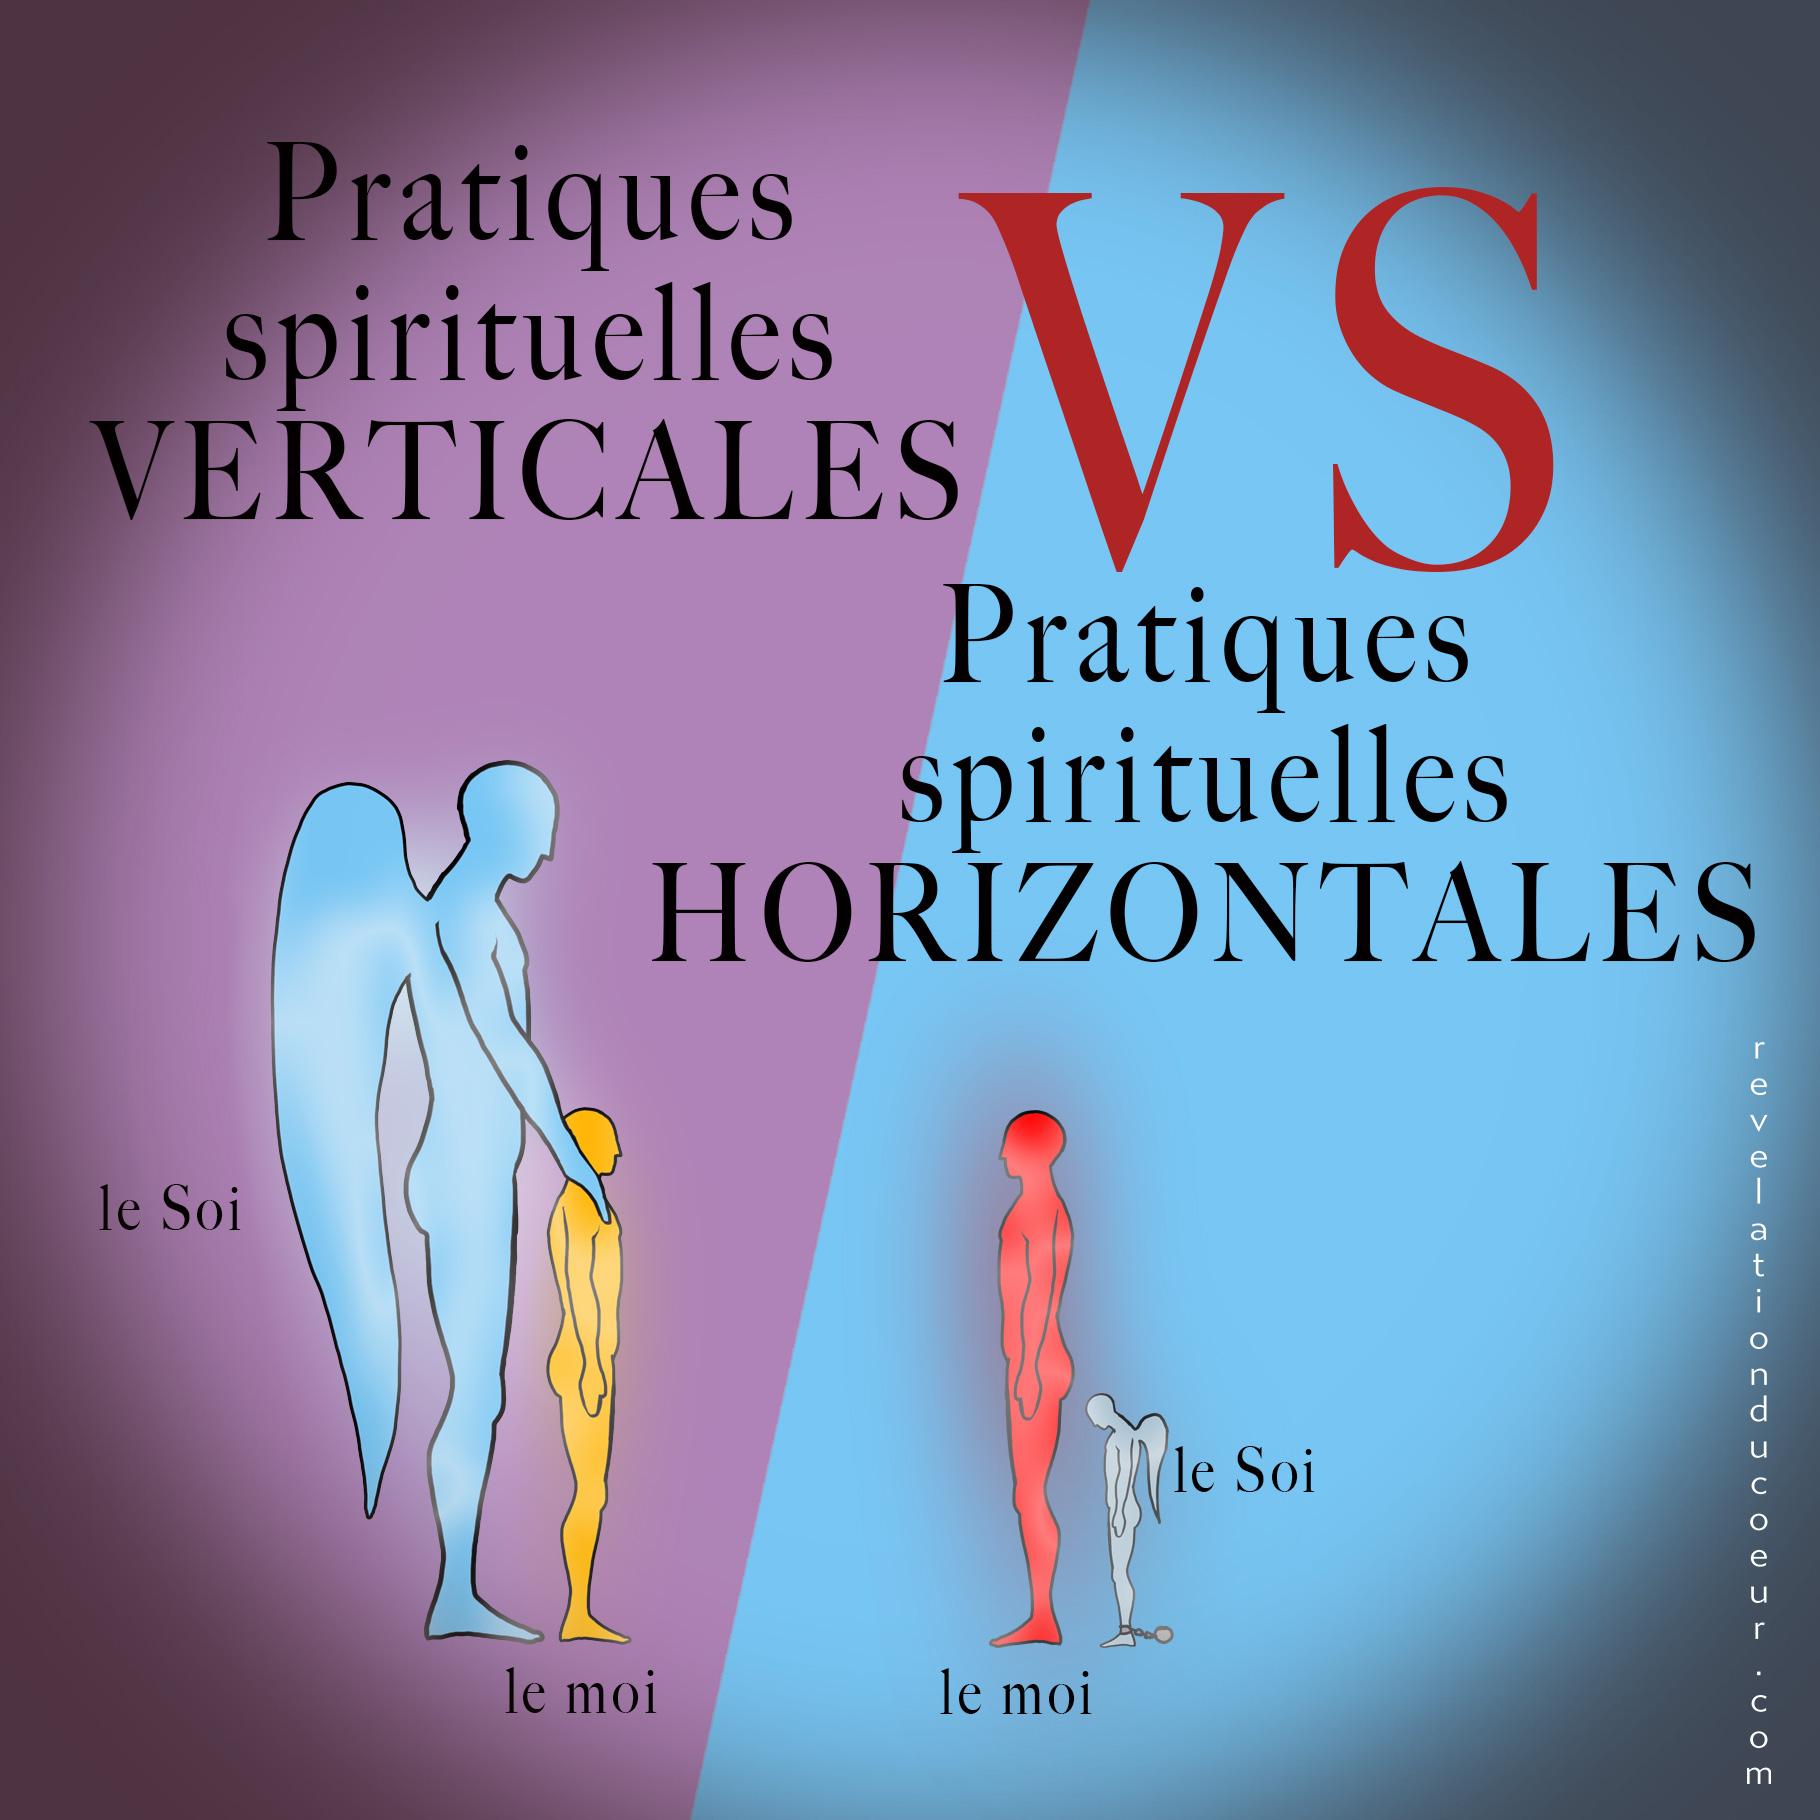 Pratiques spirituelles verticales VS pratiques spirituelles horizontales par Roland Perret énergéticien en art solaire.